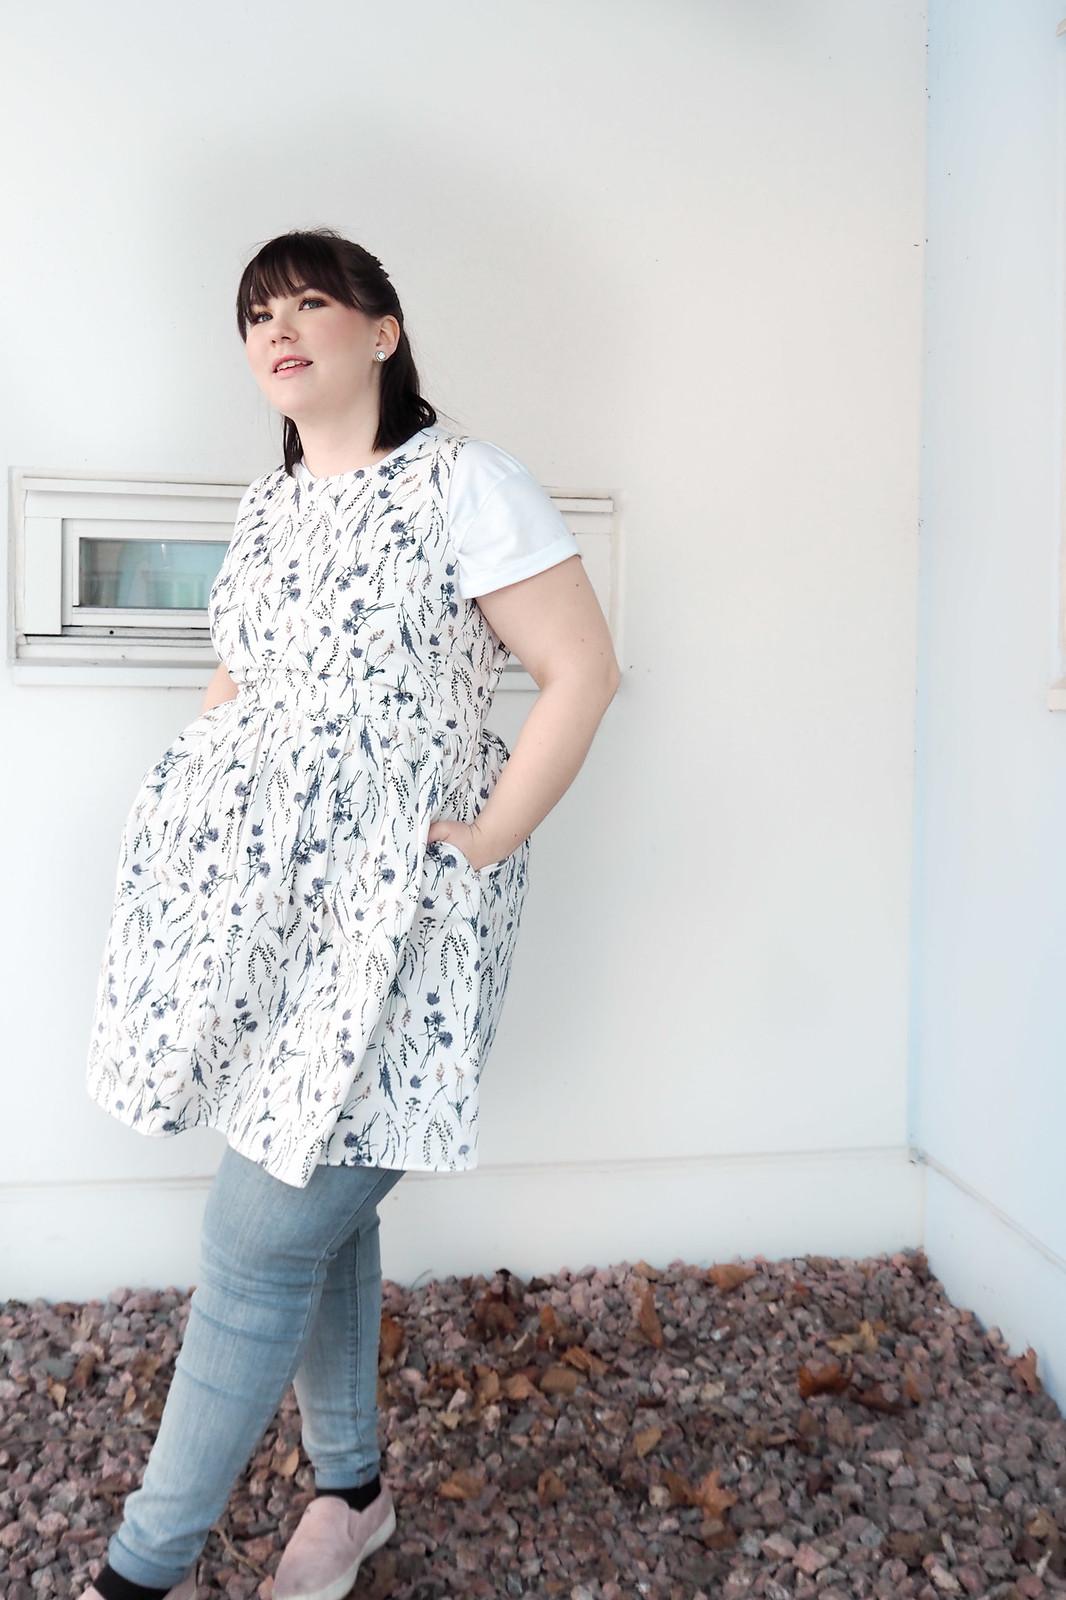 Jack Wills kukallinen mekko, levis vaaleat pillifarkut-15